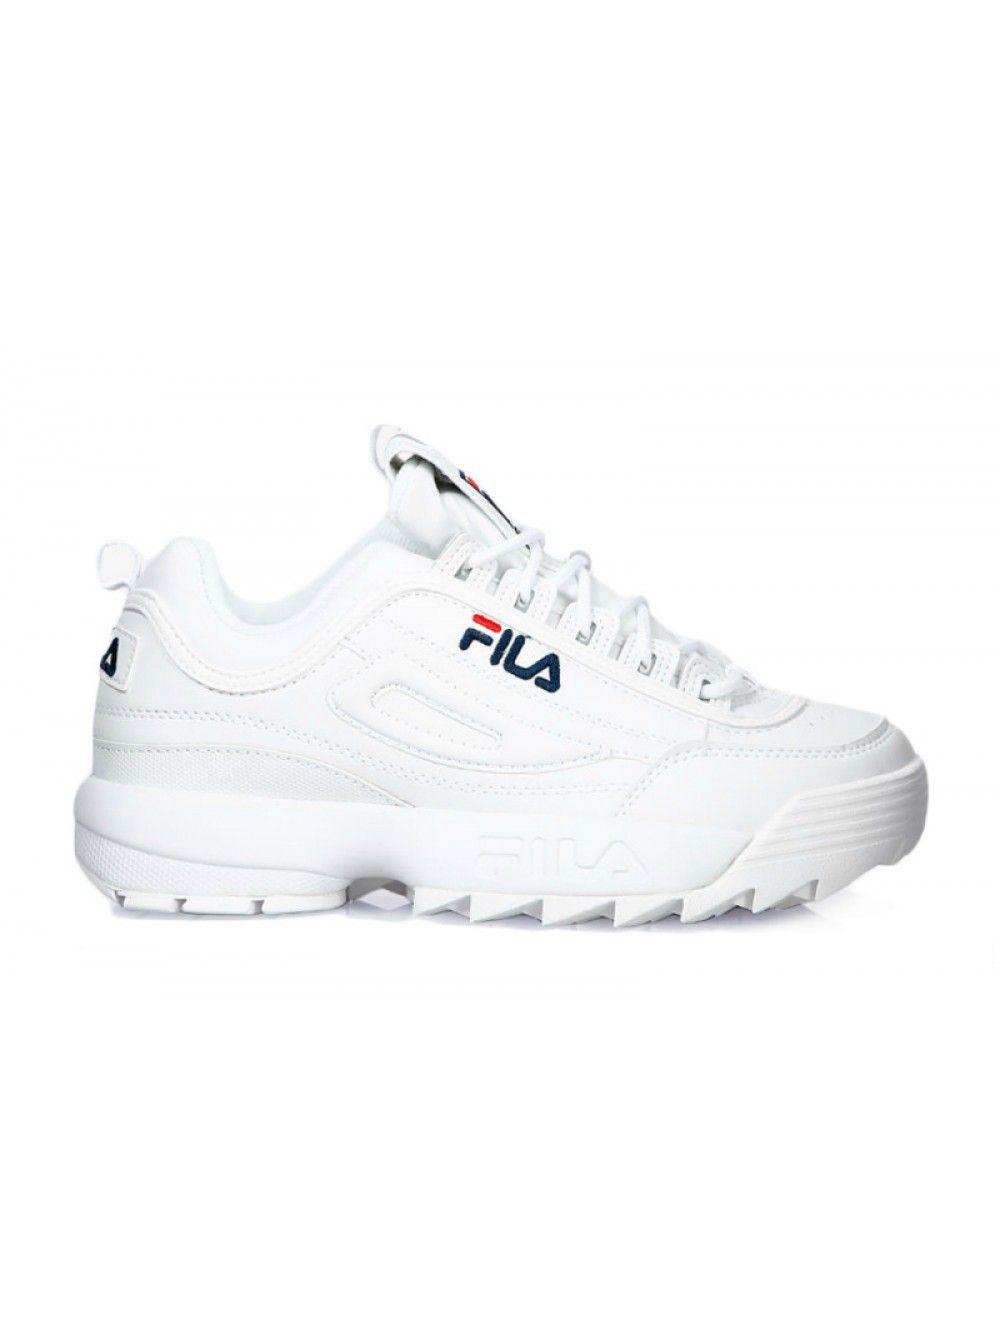 Кроссовки Fila Disruptor 2 белые (36-45)  d2299b4063131